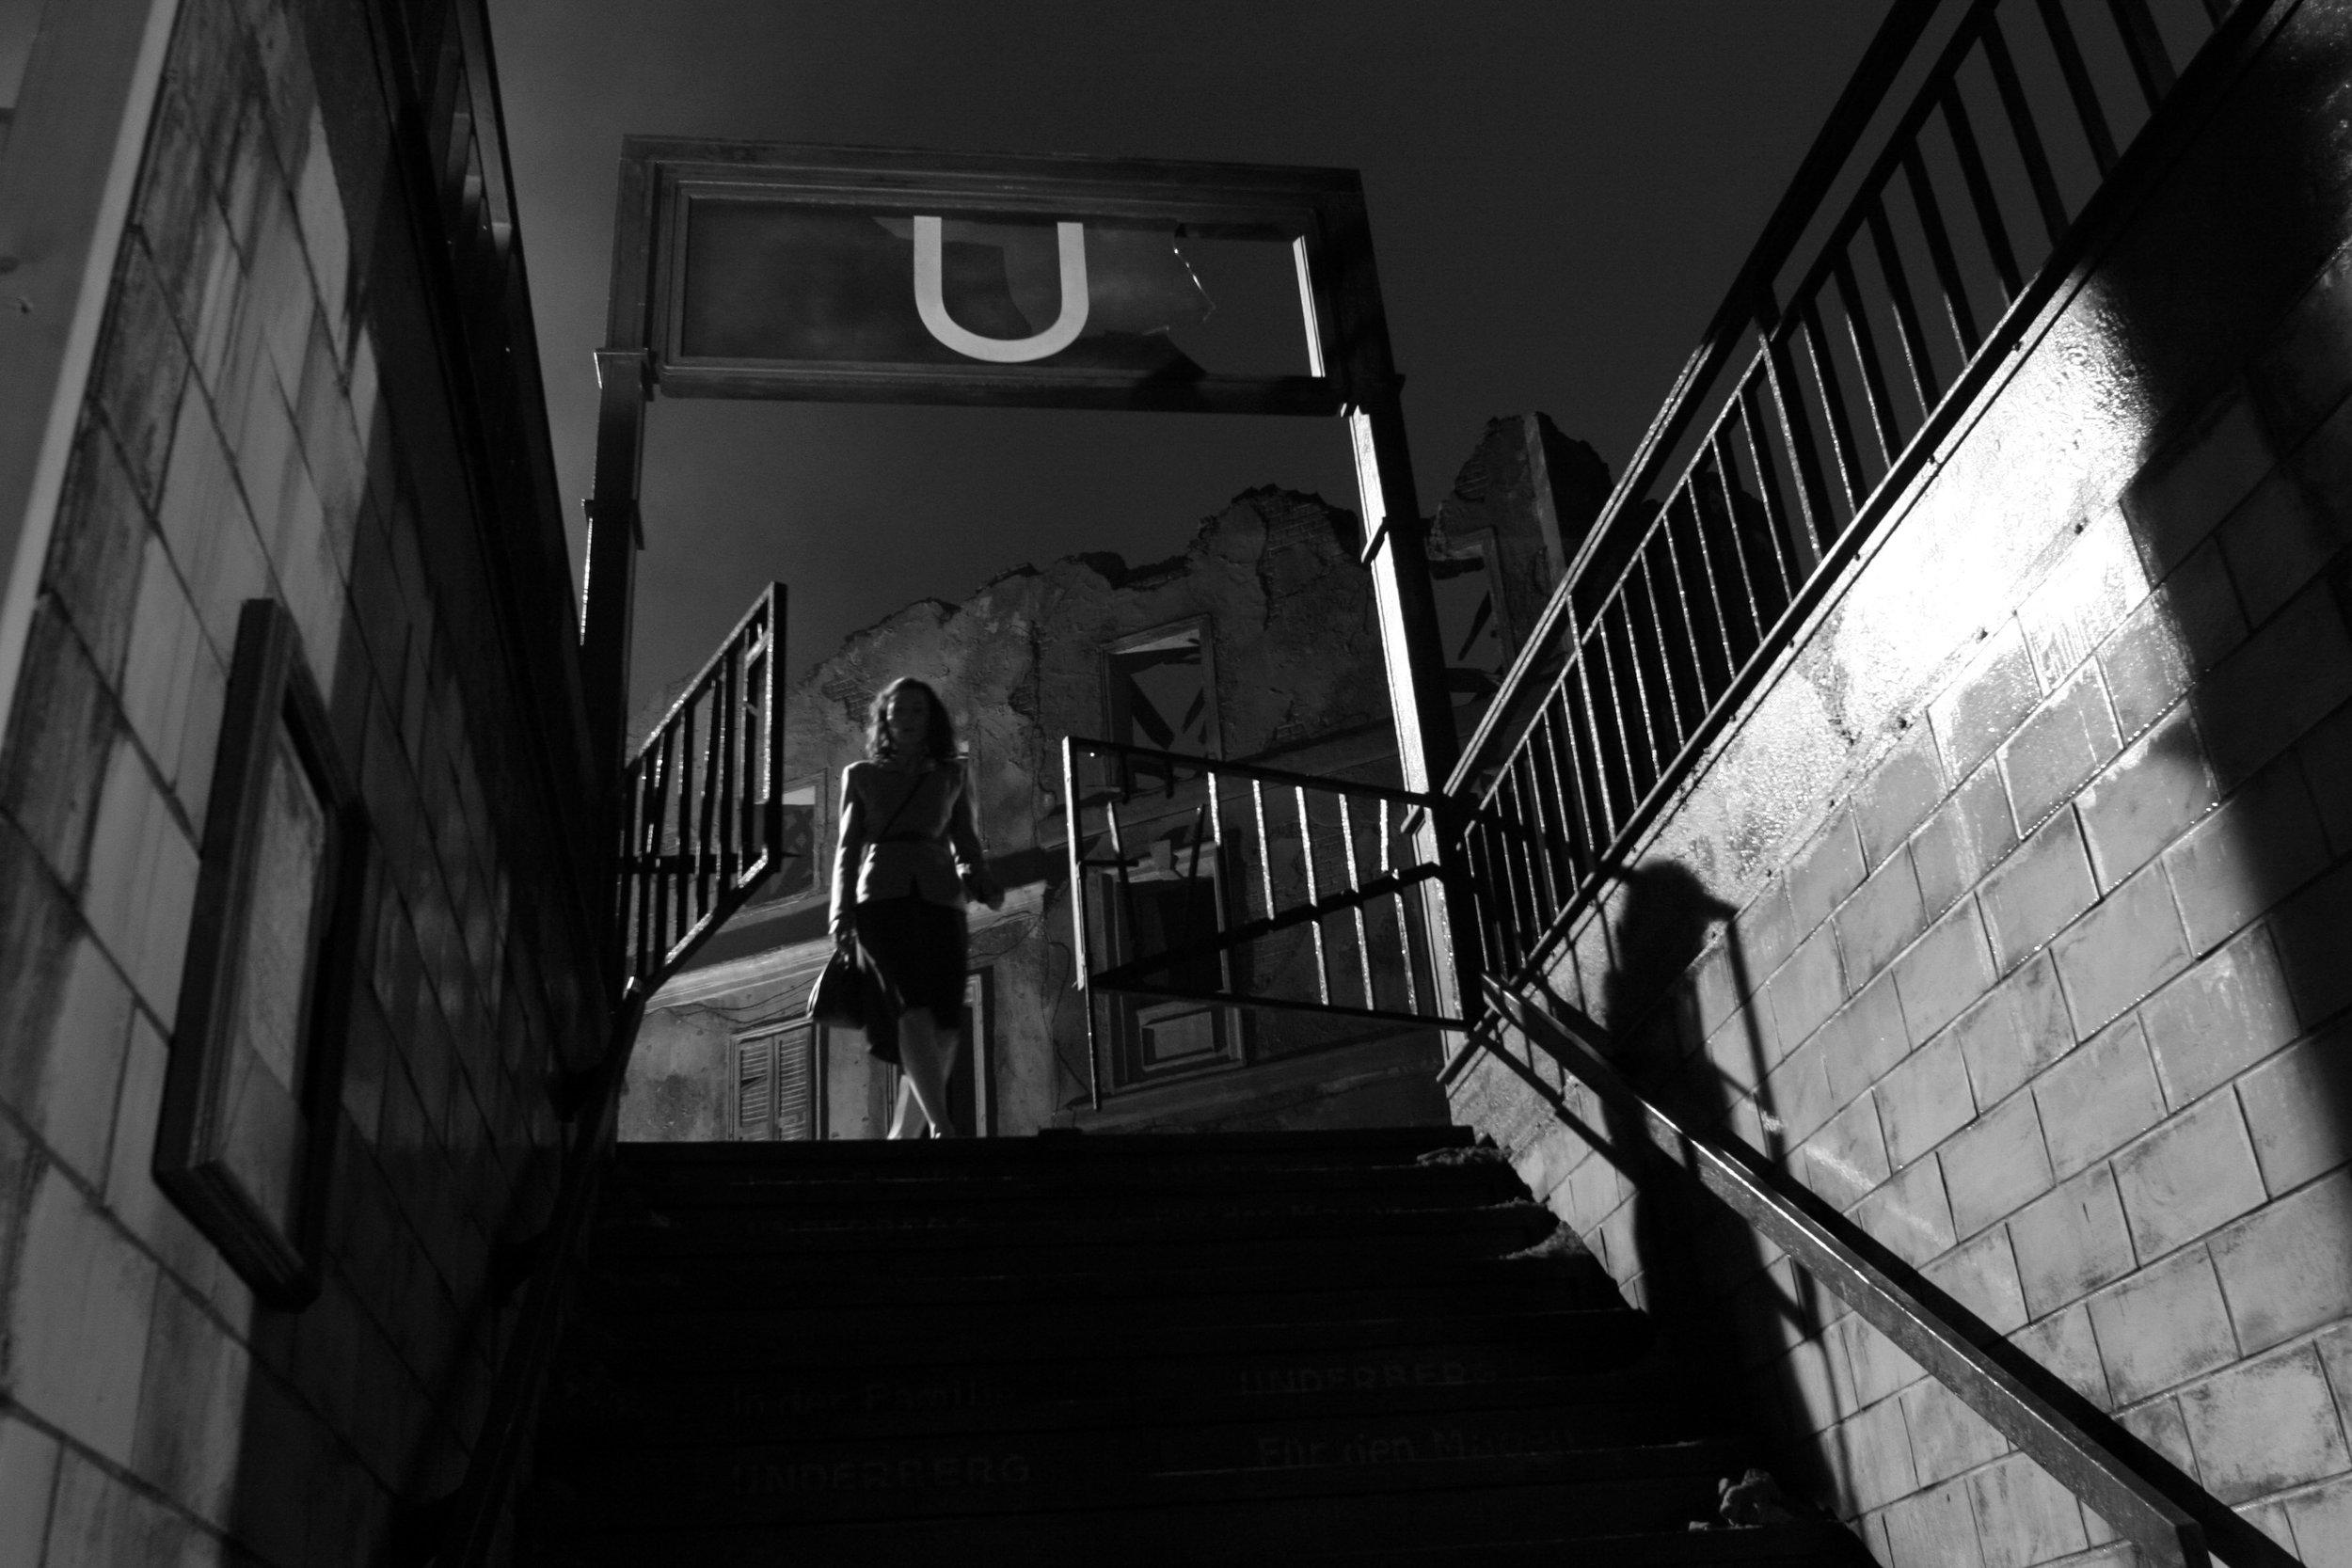 Production Still: U-Bahn Entrance